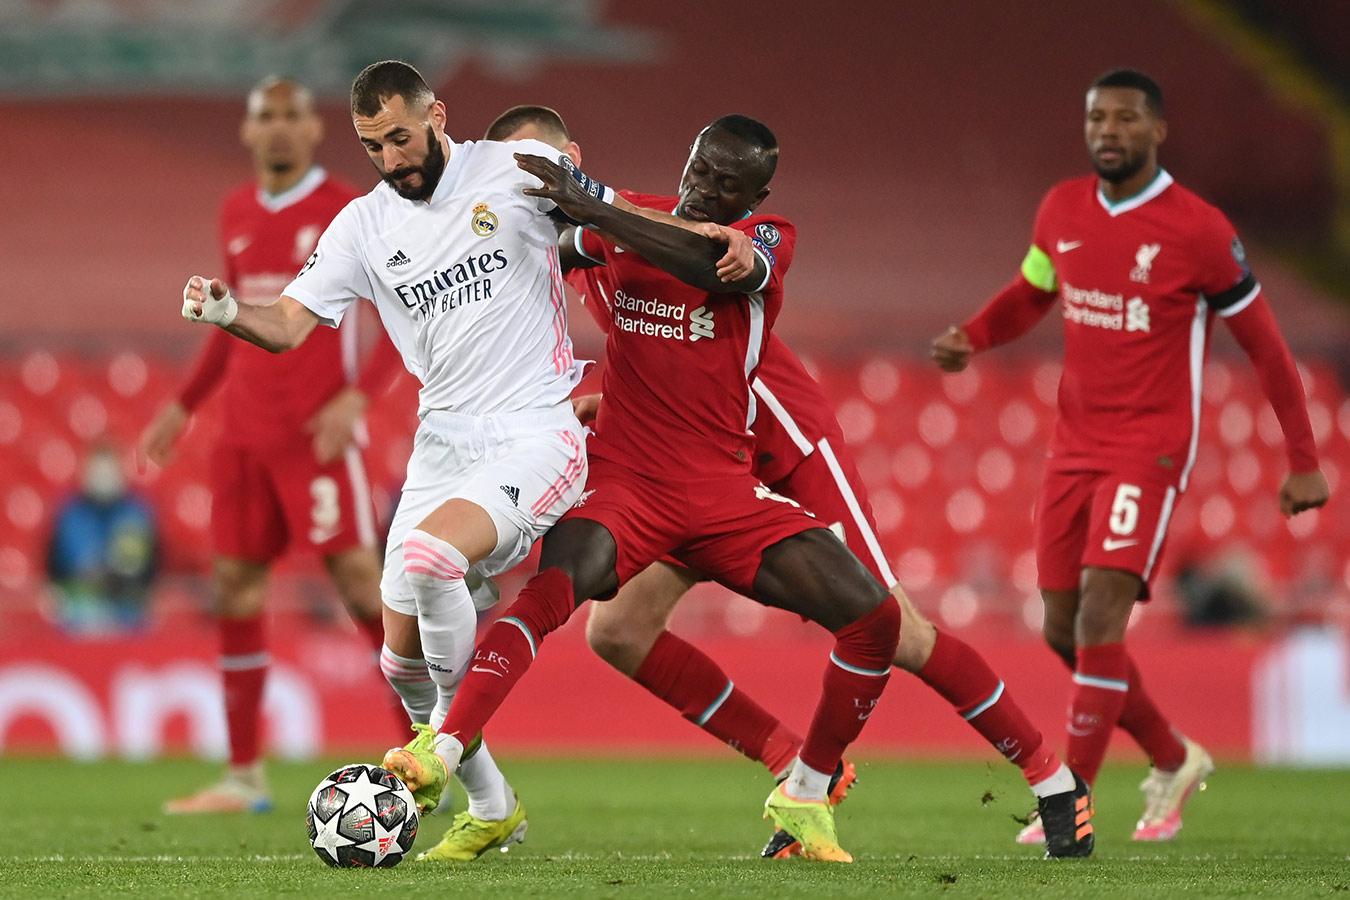 «Ливерпуль» сыграл вничью с «Реалом» и вылетел из Лиги чемпионов